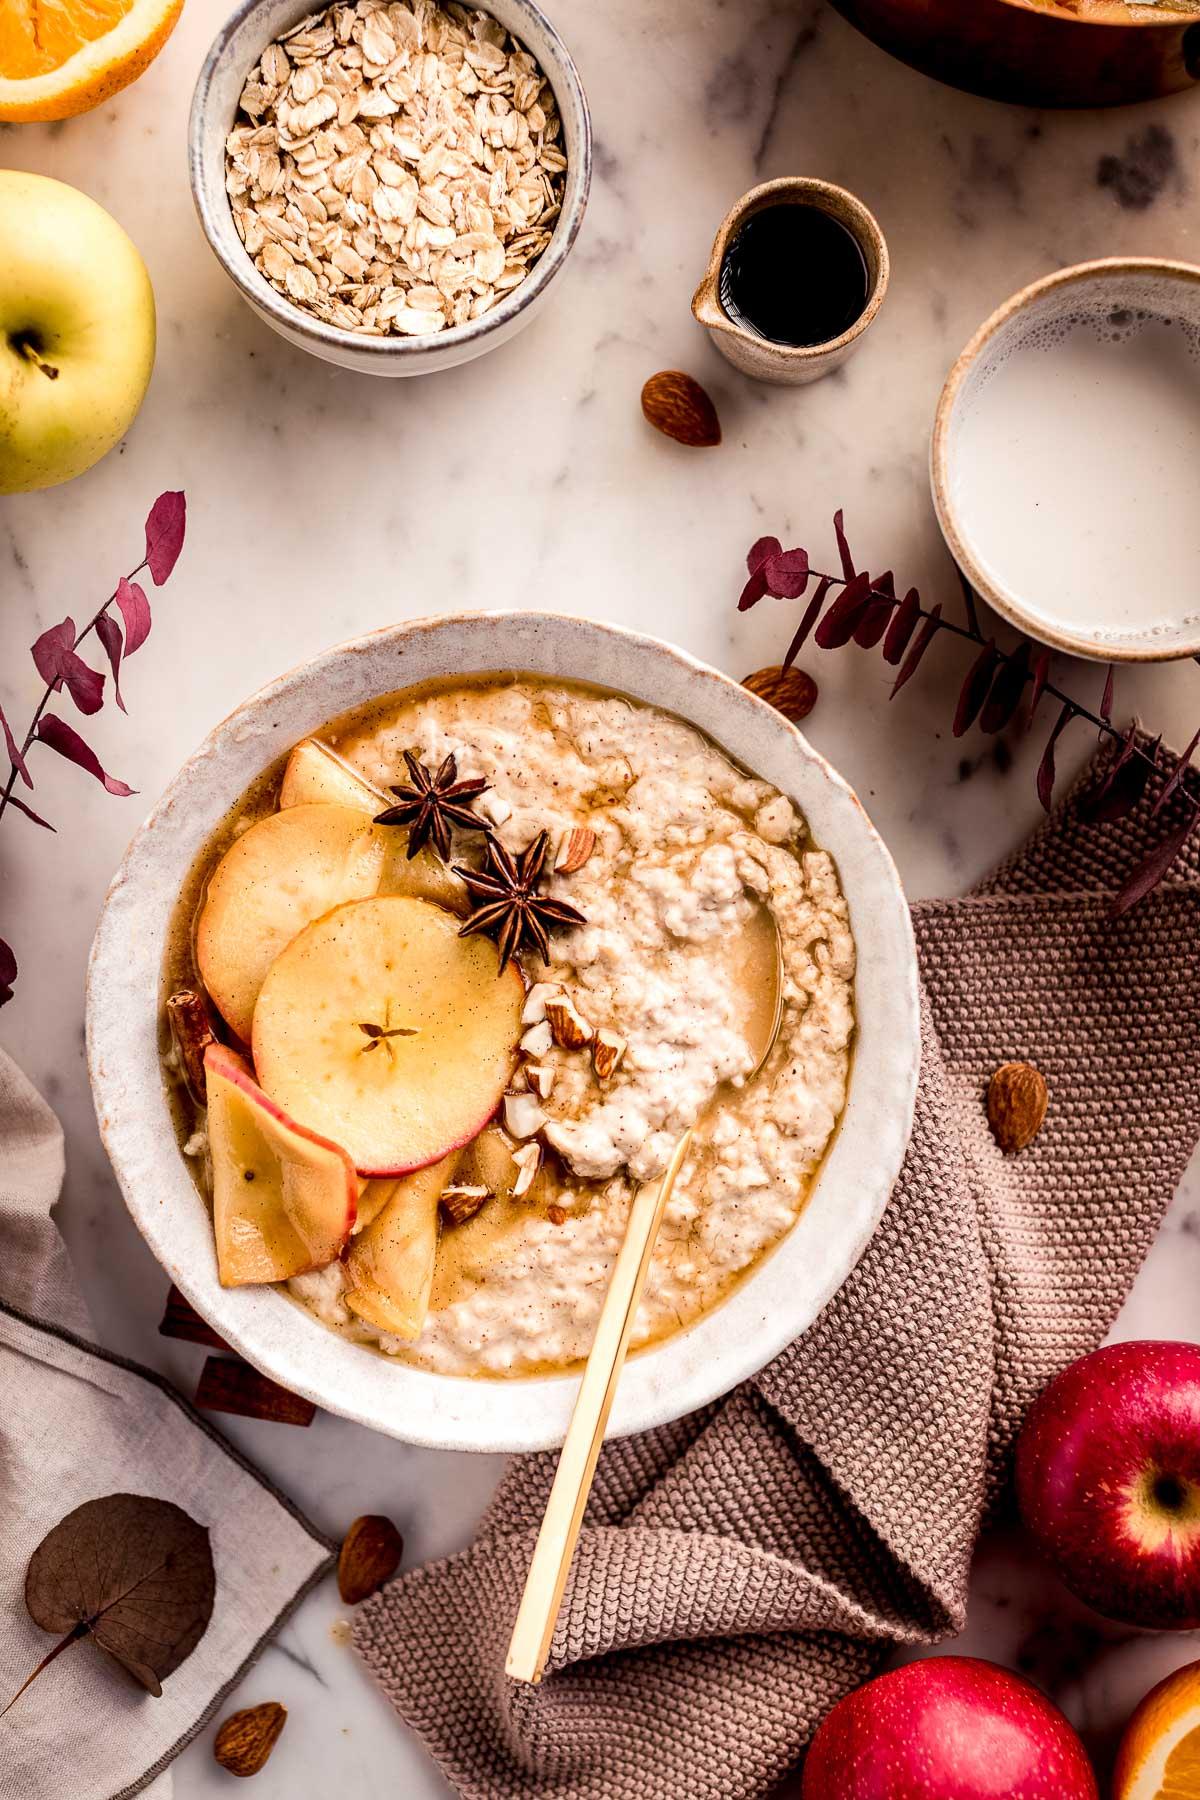 healthy creamy apple pie oatmeal recipe gluten-free ricetta porridge alle mele cremoso vegan senza glutine porridge torta di mele